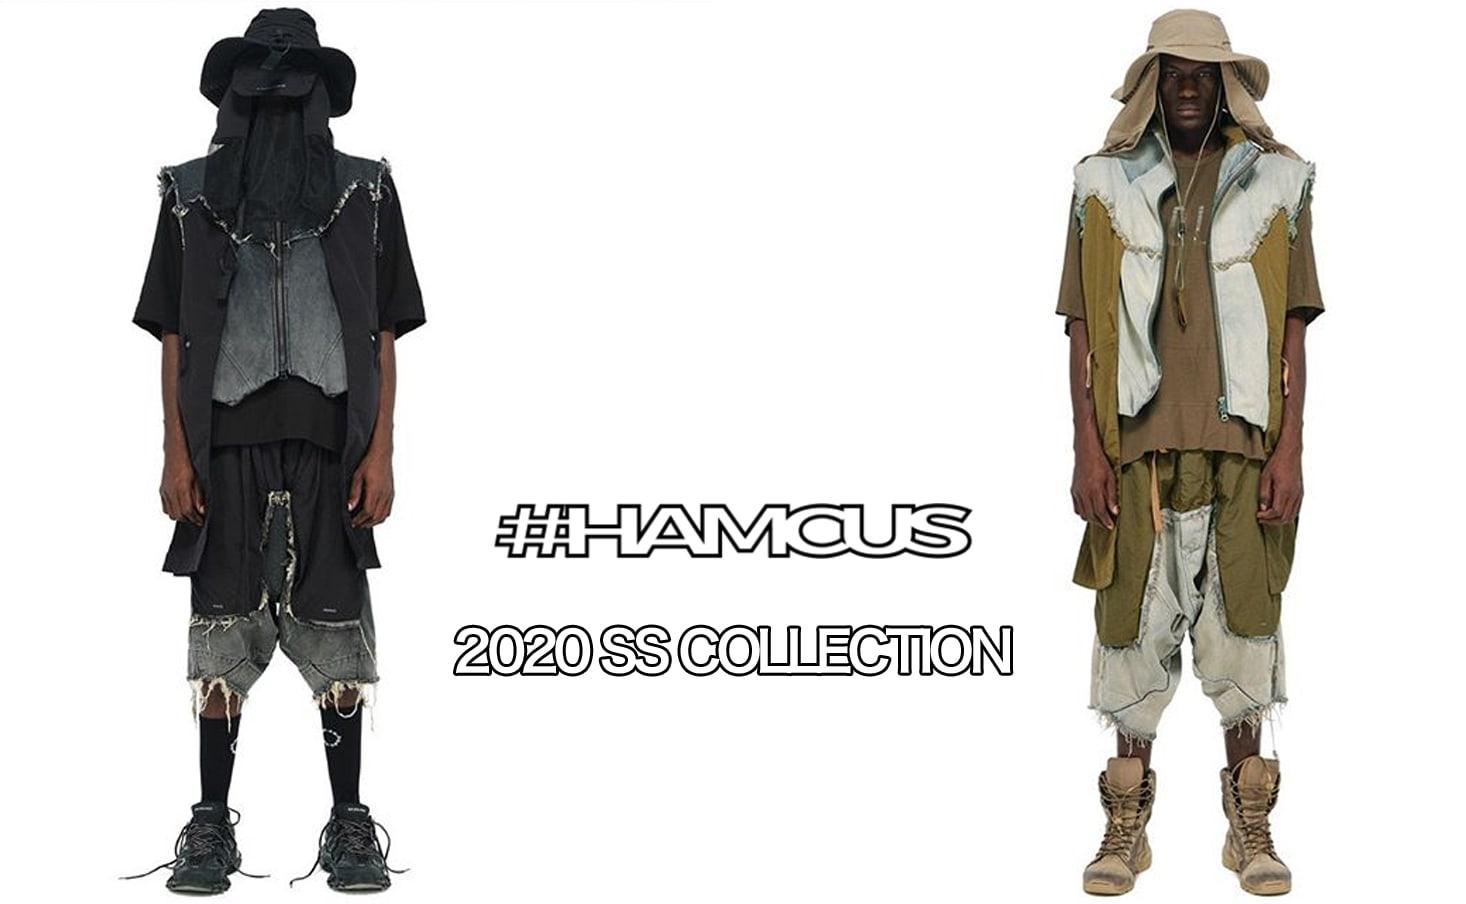 ハムカス 20SS / HAMCUS 20SS